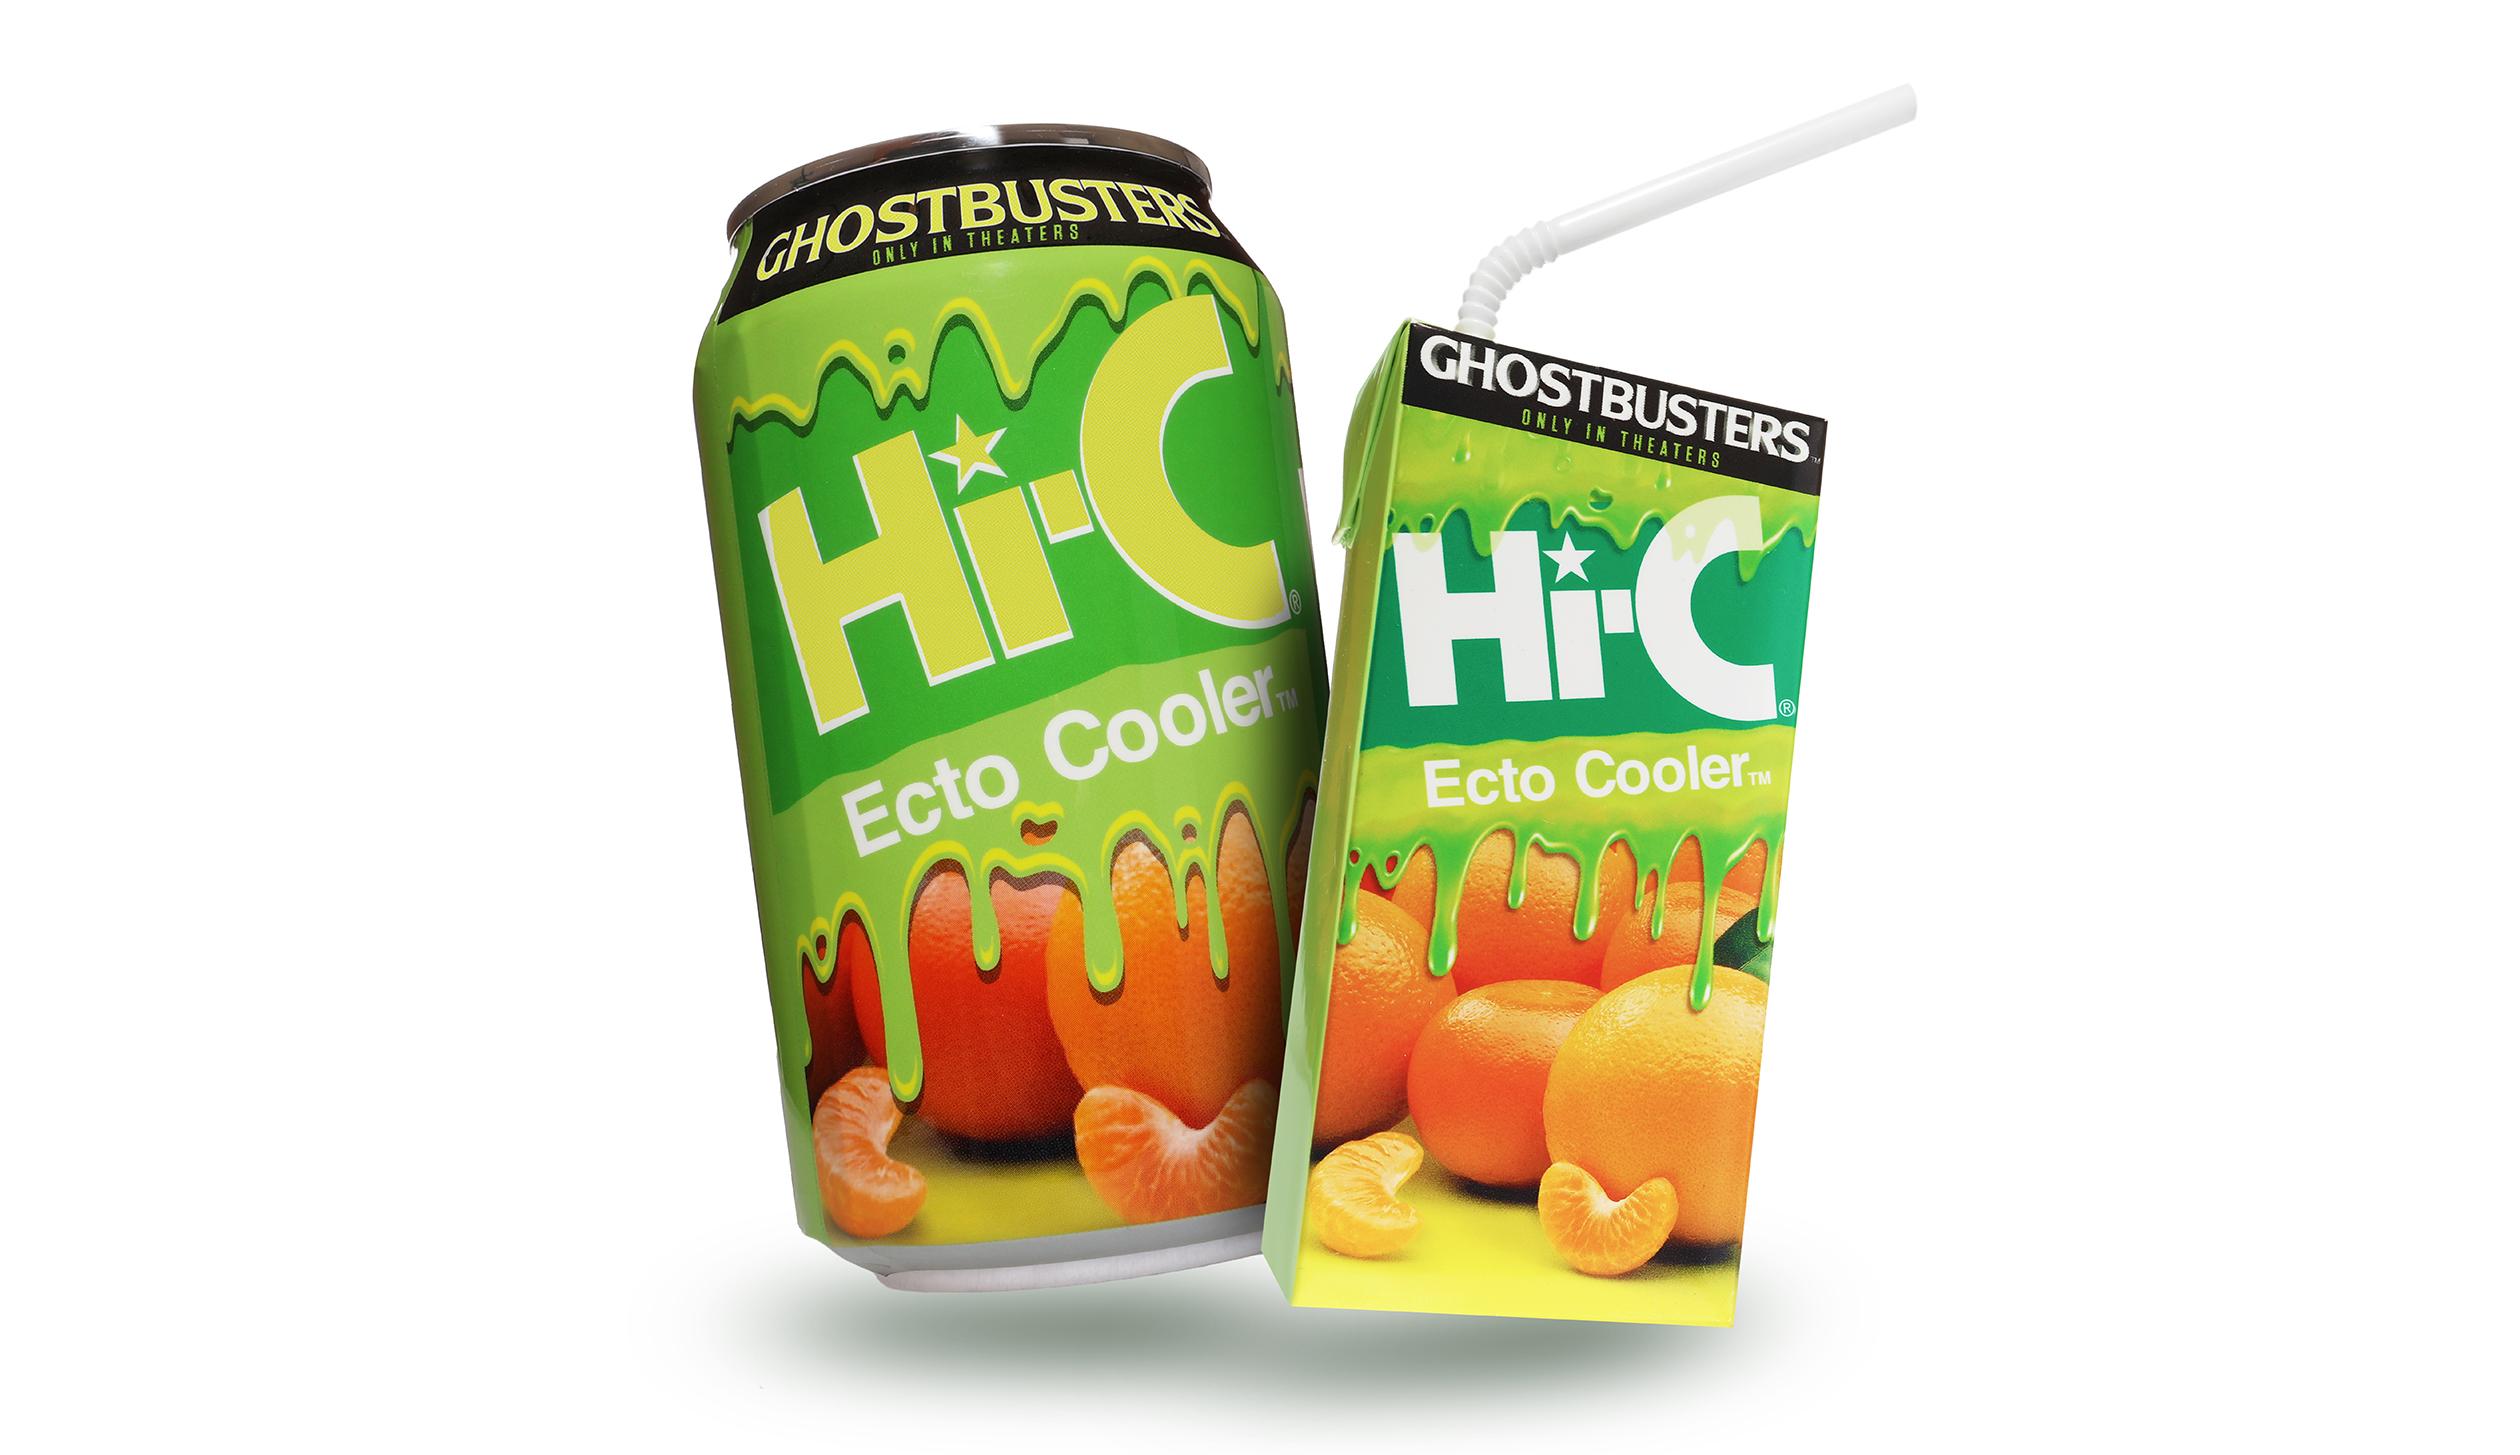 Coca-Cola's Hi-C Ecto Cooler is making a comeback.